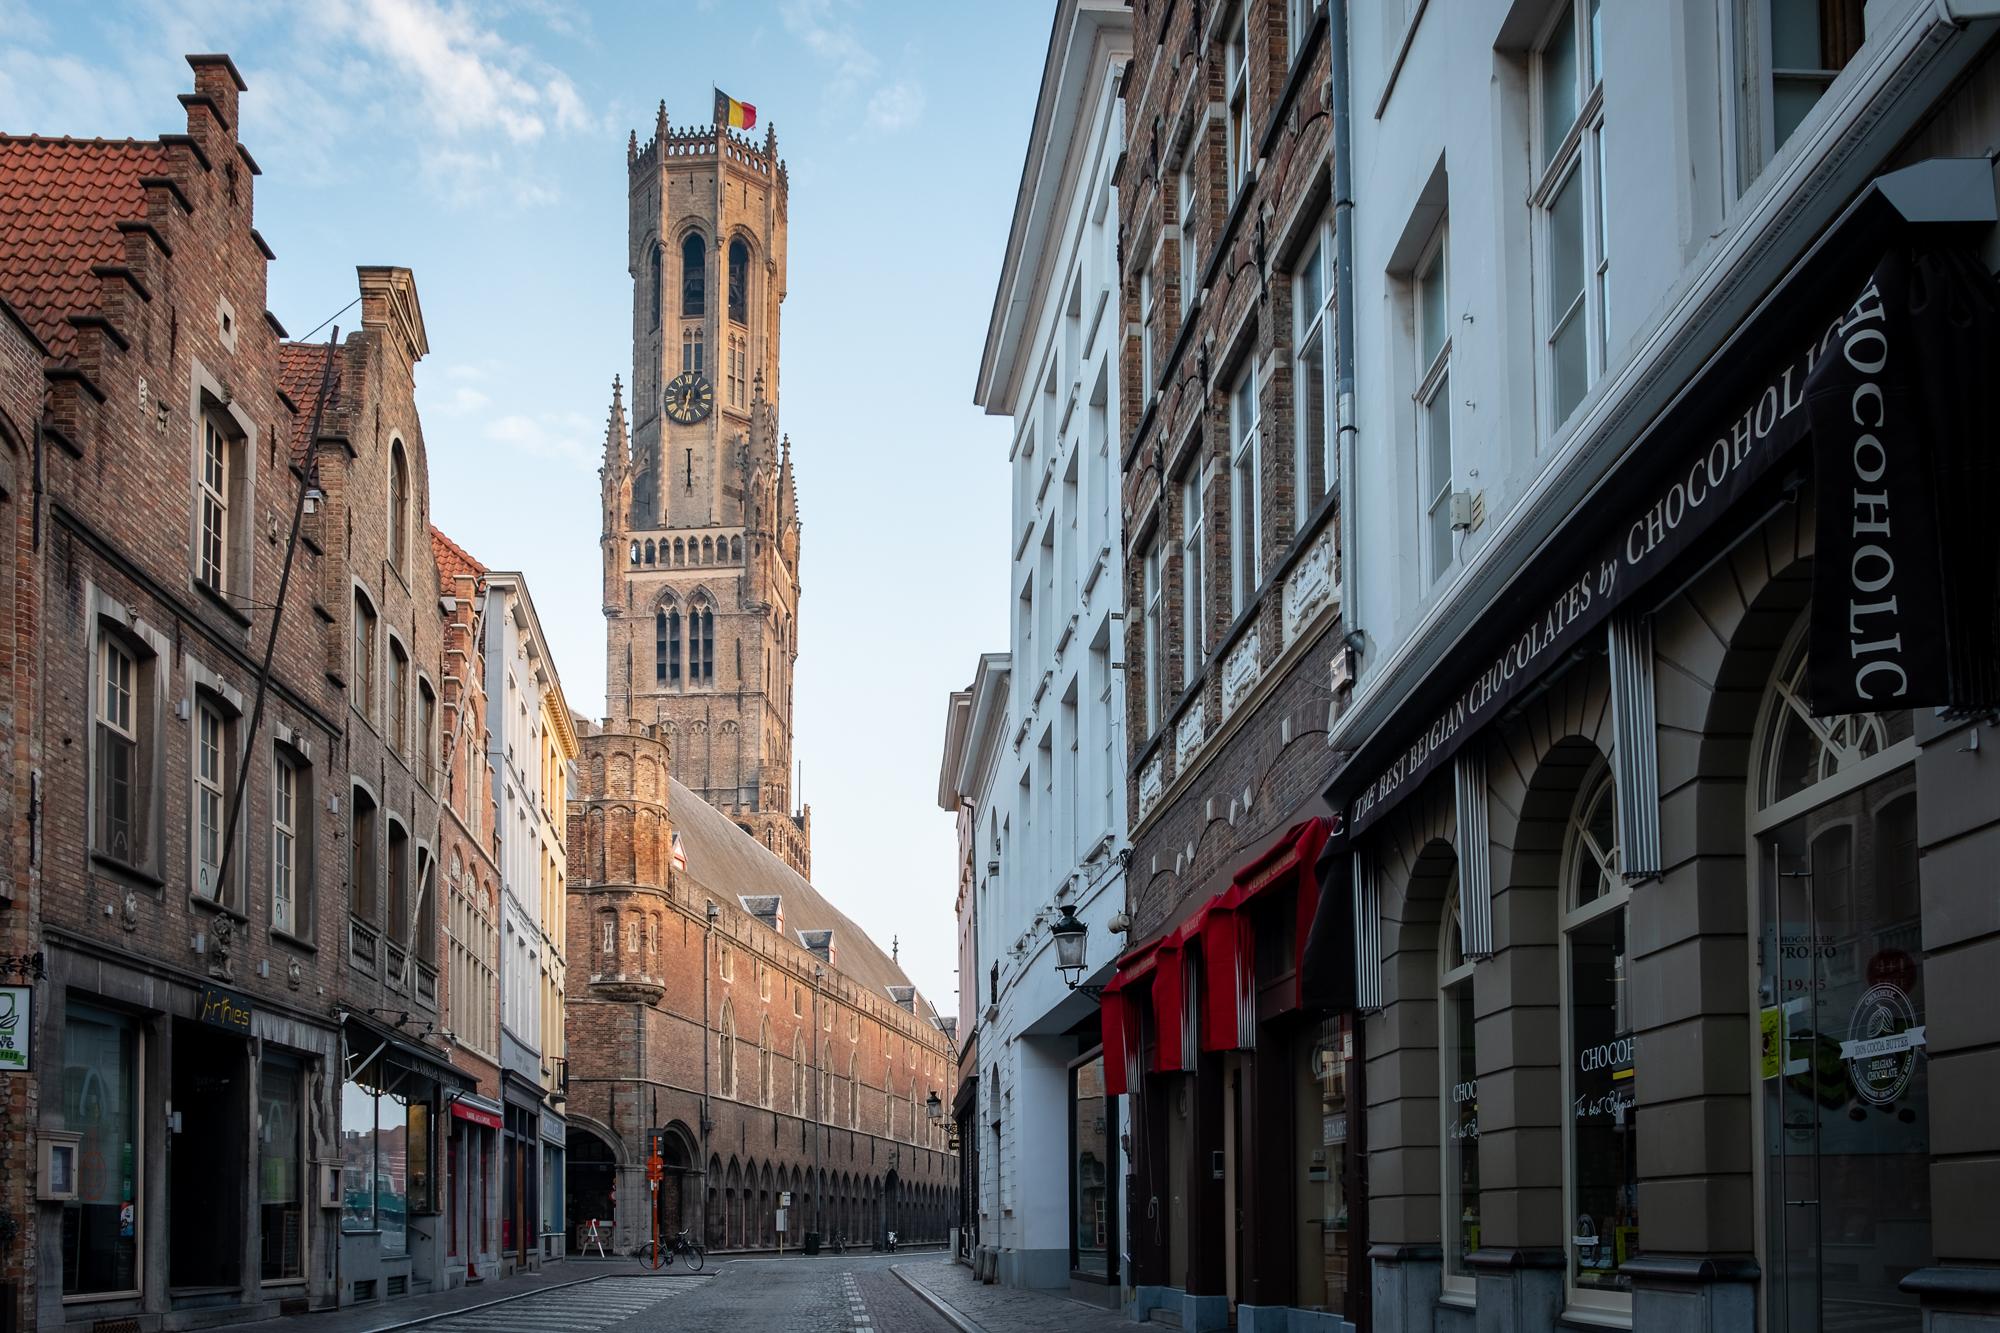 180722 - Bruges - Sunrise - Belfry 001.jpg